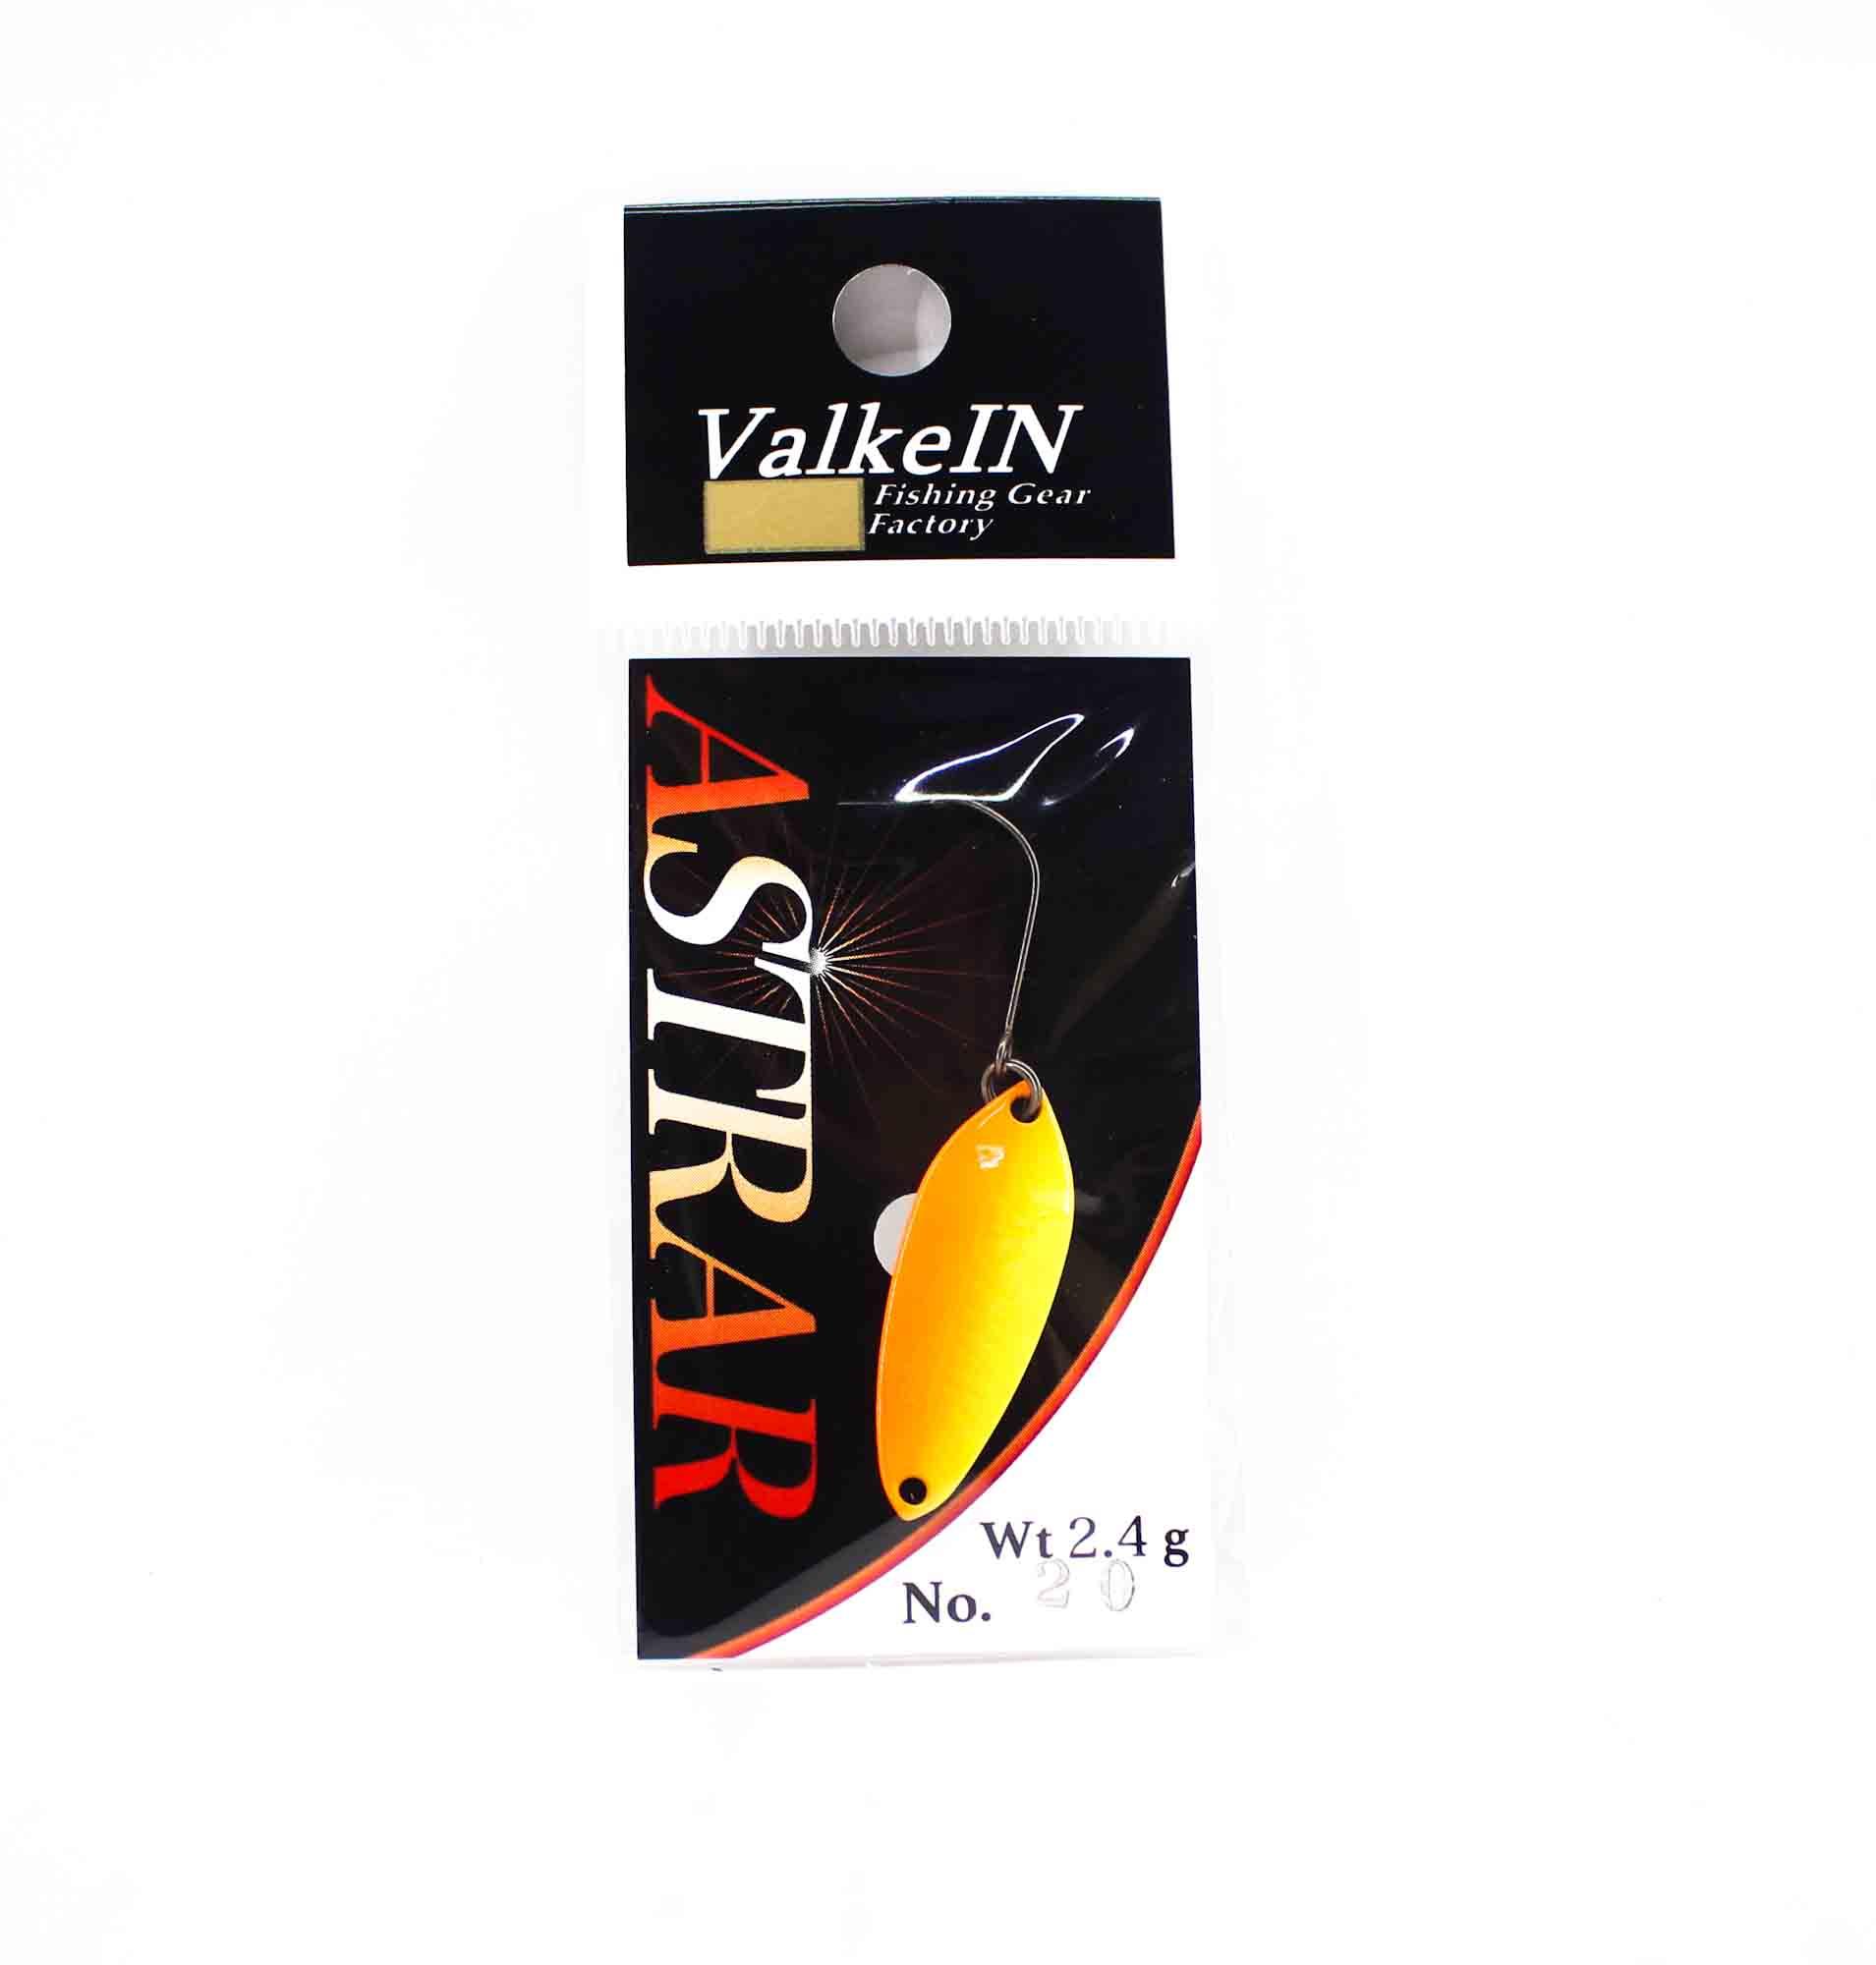 Valkein Spoon Astrar 2.4 grams Sinking Lure No.20 (0369)